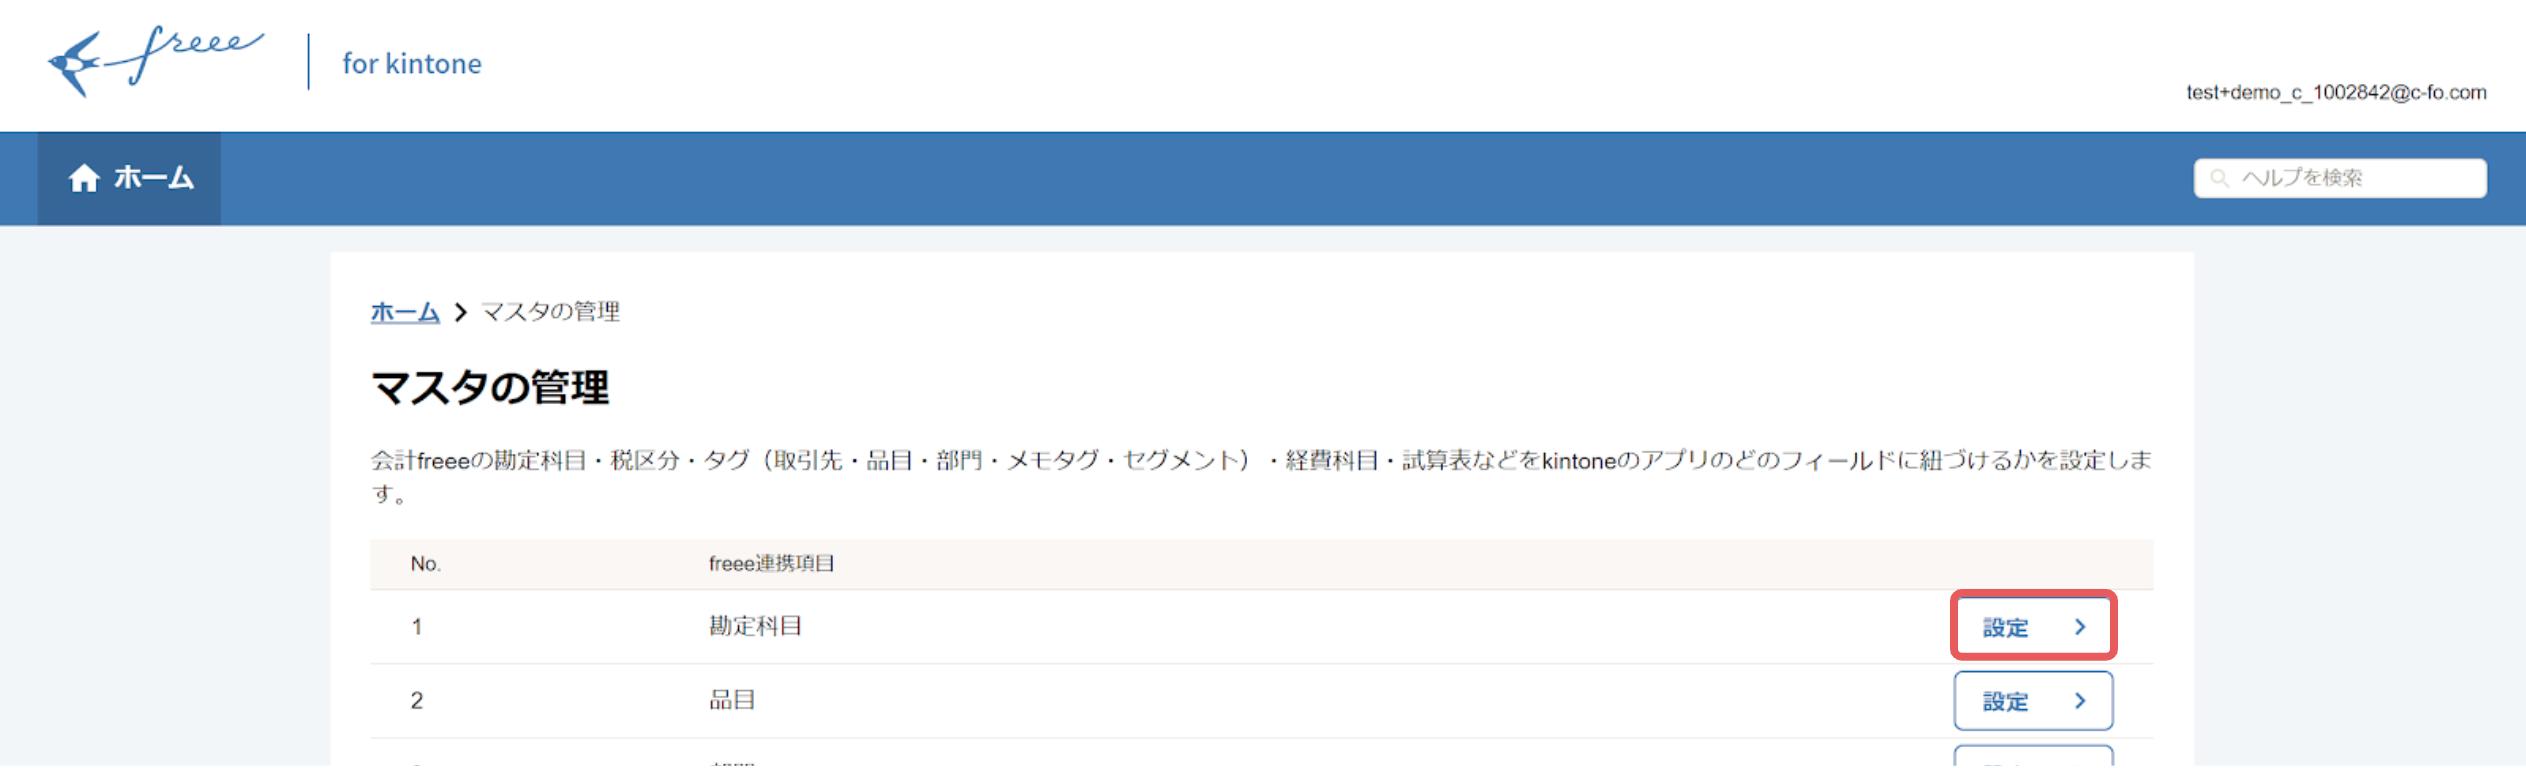 Screen_Shot_2020-07-09_at_16.00.11.png